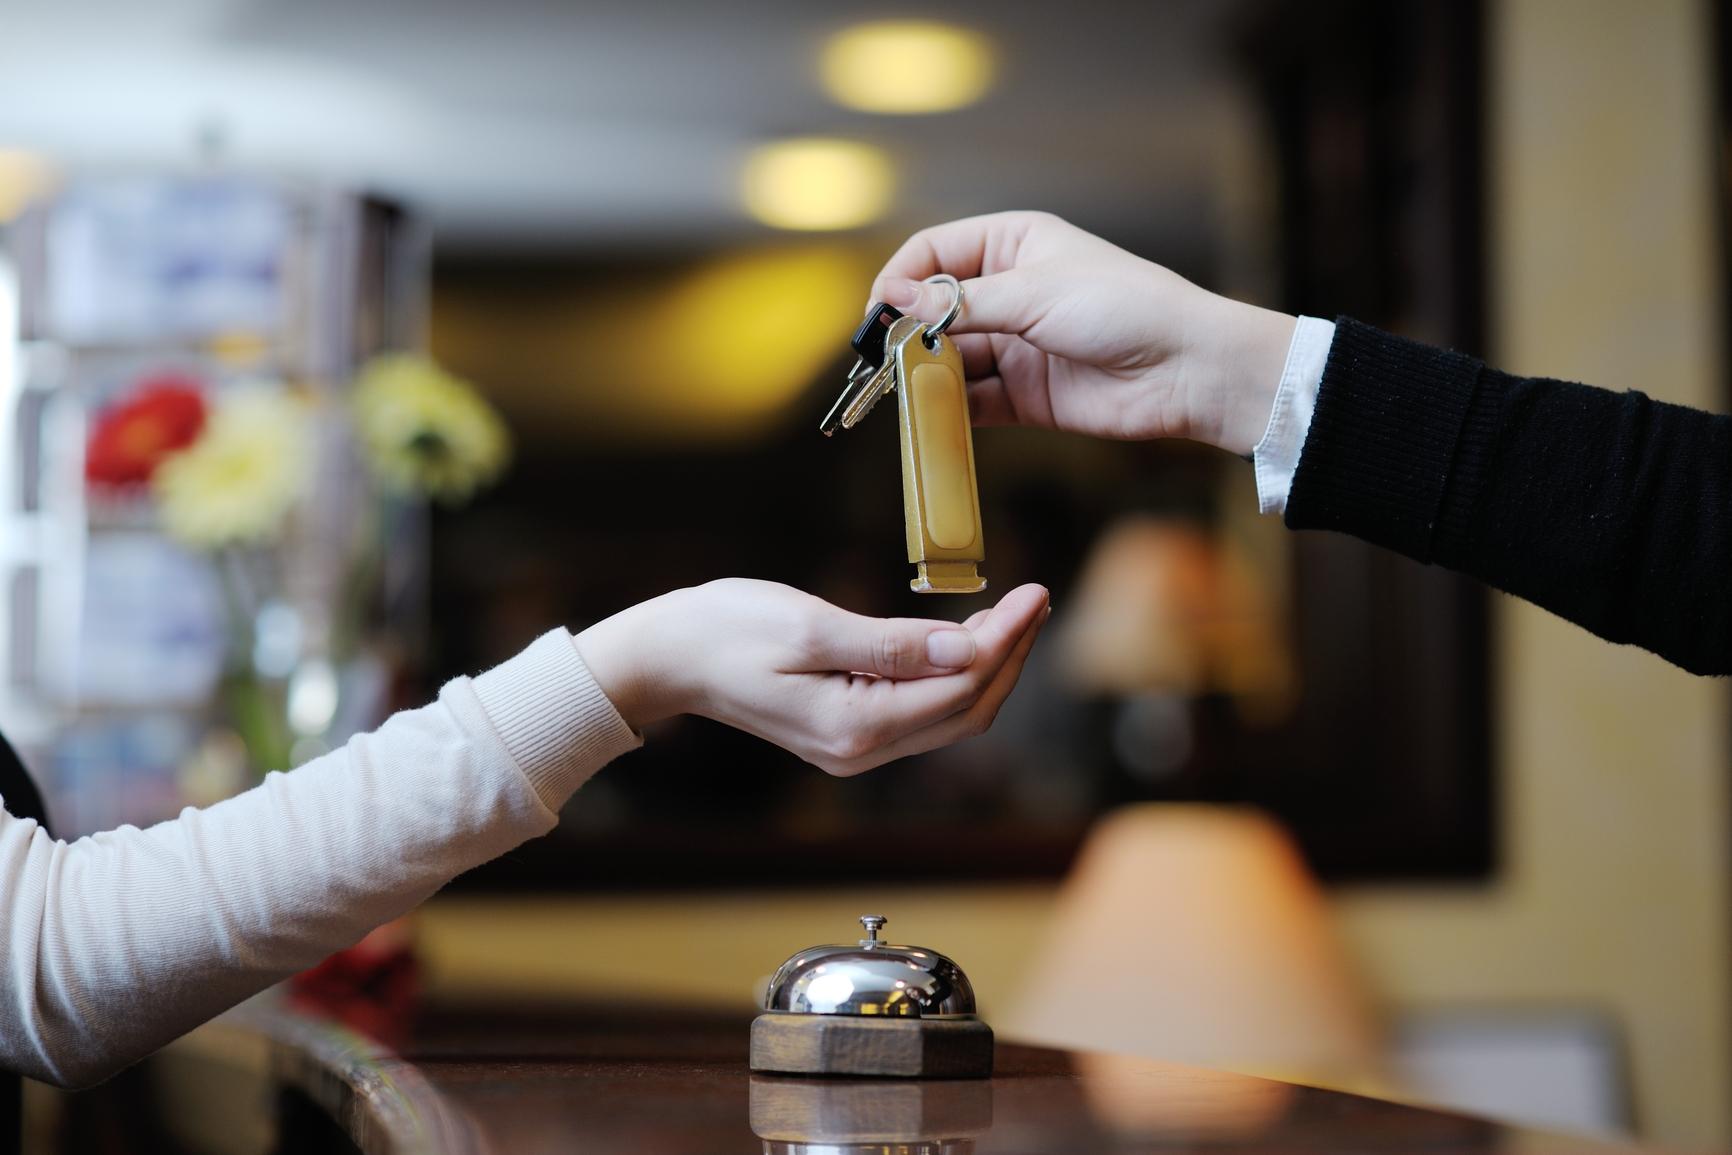 Was kostet eine Übernachtung in Heil's Hotel? Schauen Sie sich unsere Hotel Preisliste an.